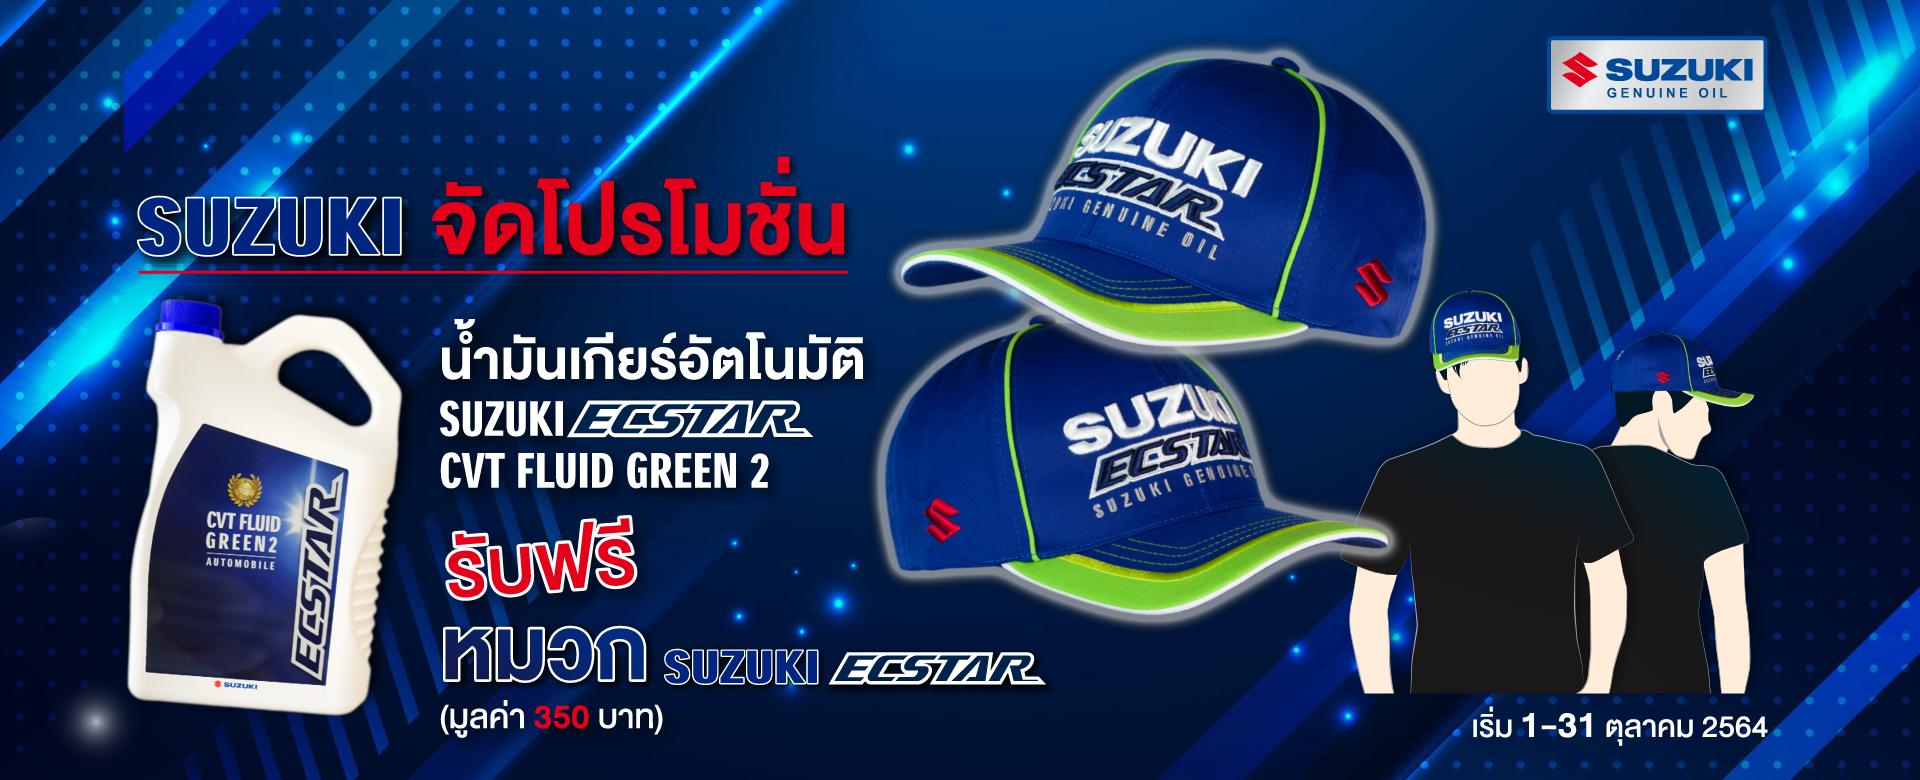 ซูซูกิจัดโปรโมชั่นแถมฟรี หมวก SUZUKI ECSTAR เมื่อซื้อน้ำมันเกียร์อัตโนมัติที่ซูซูกิทั่วประเทศ โปรโมชั่น